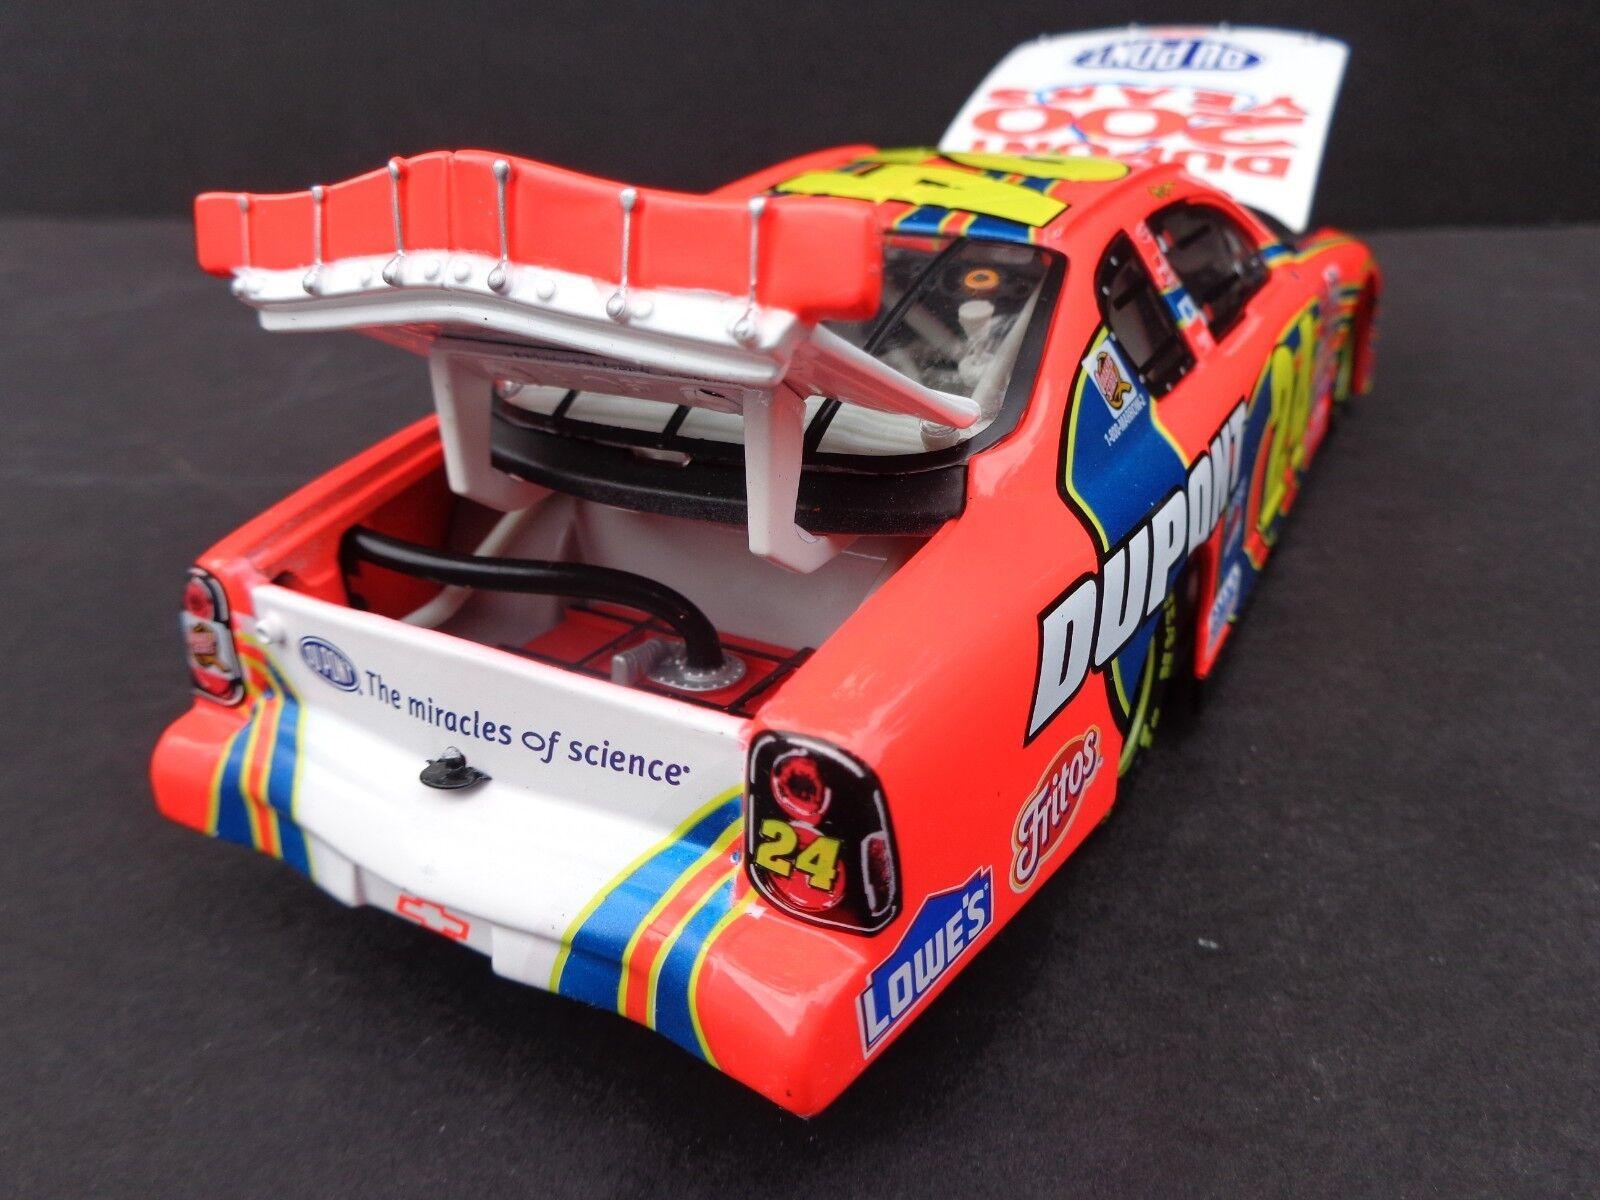 2002 2002 2002 Nascar Jeff Gordon  24 Dupont 1 24 Scale Action Collectables Fundición Modelo 2a6a10